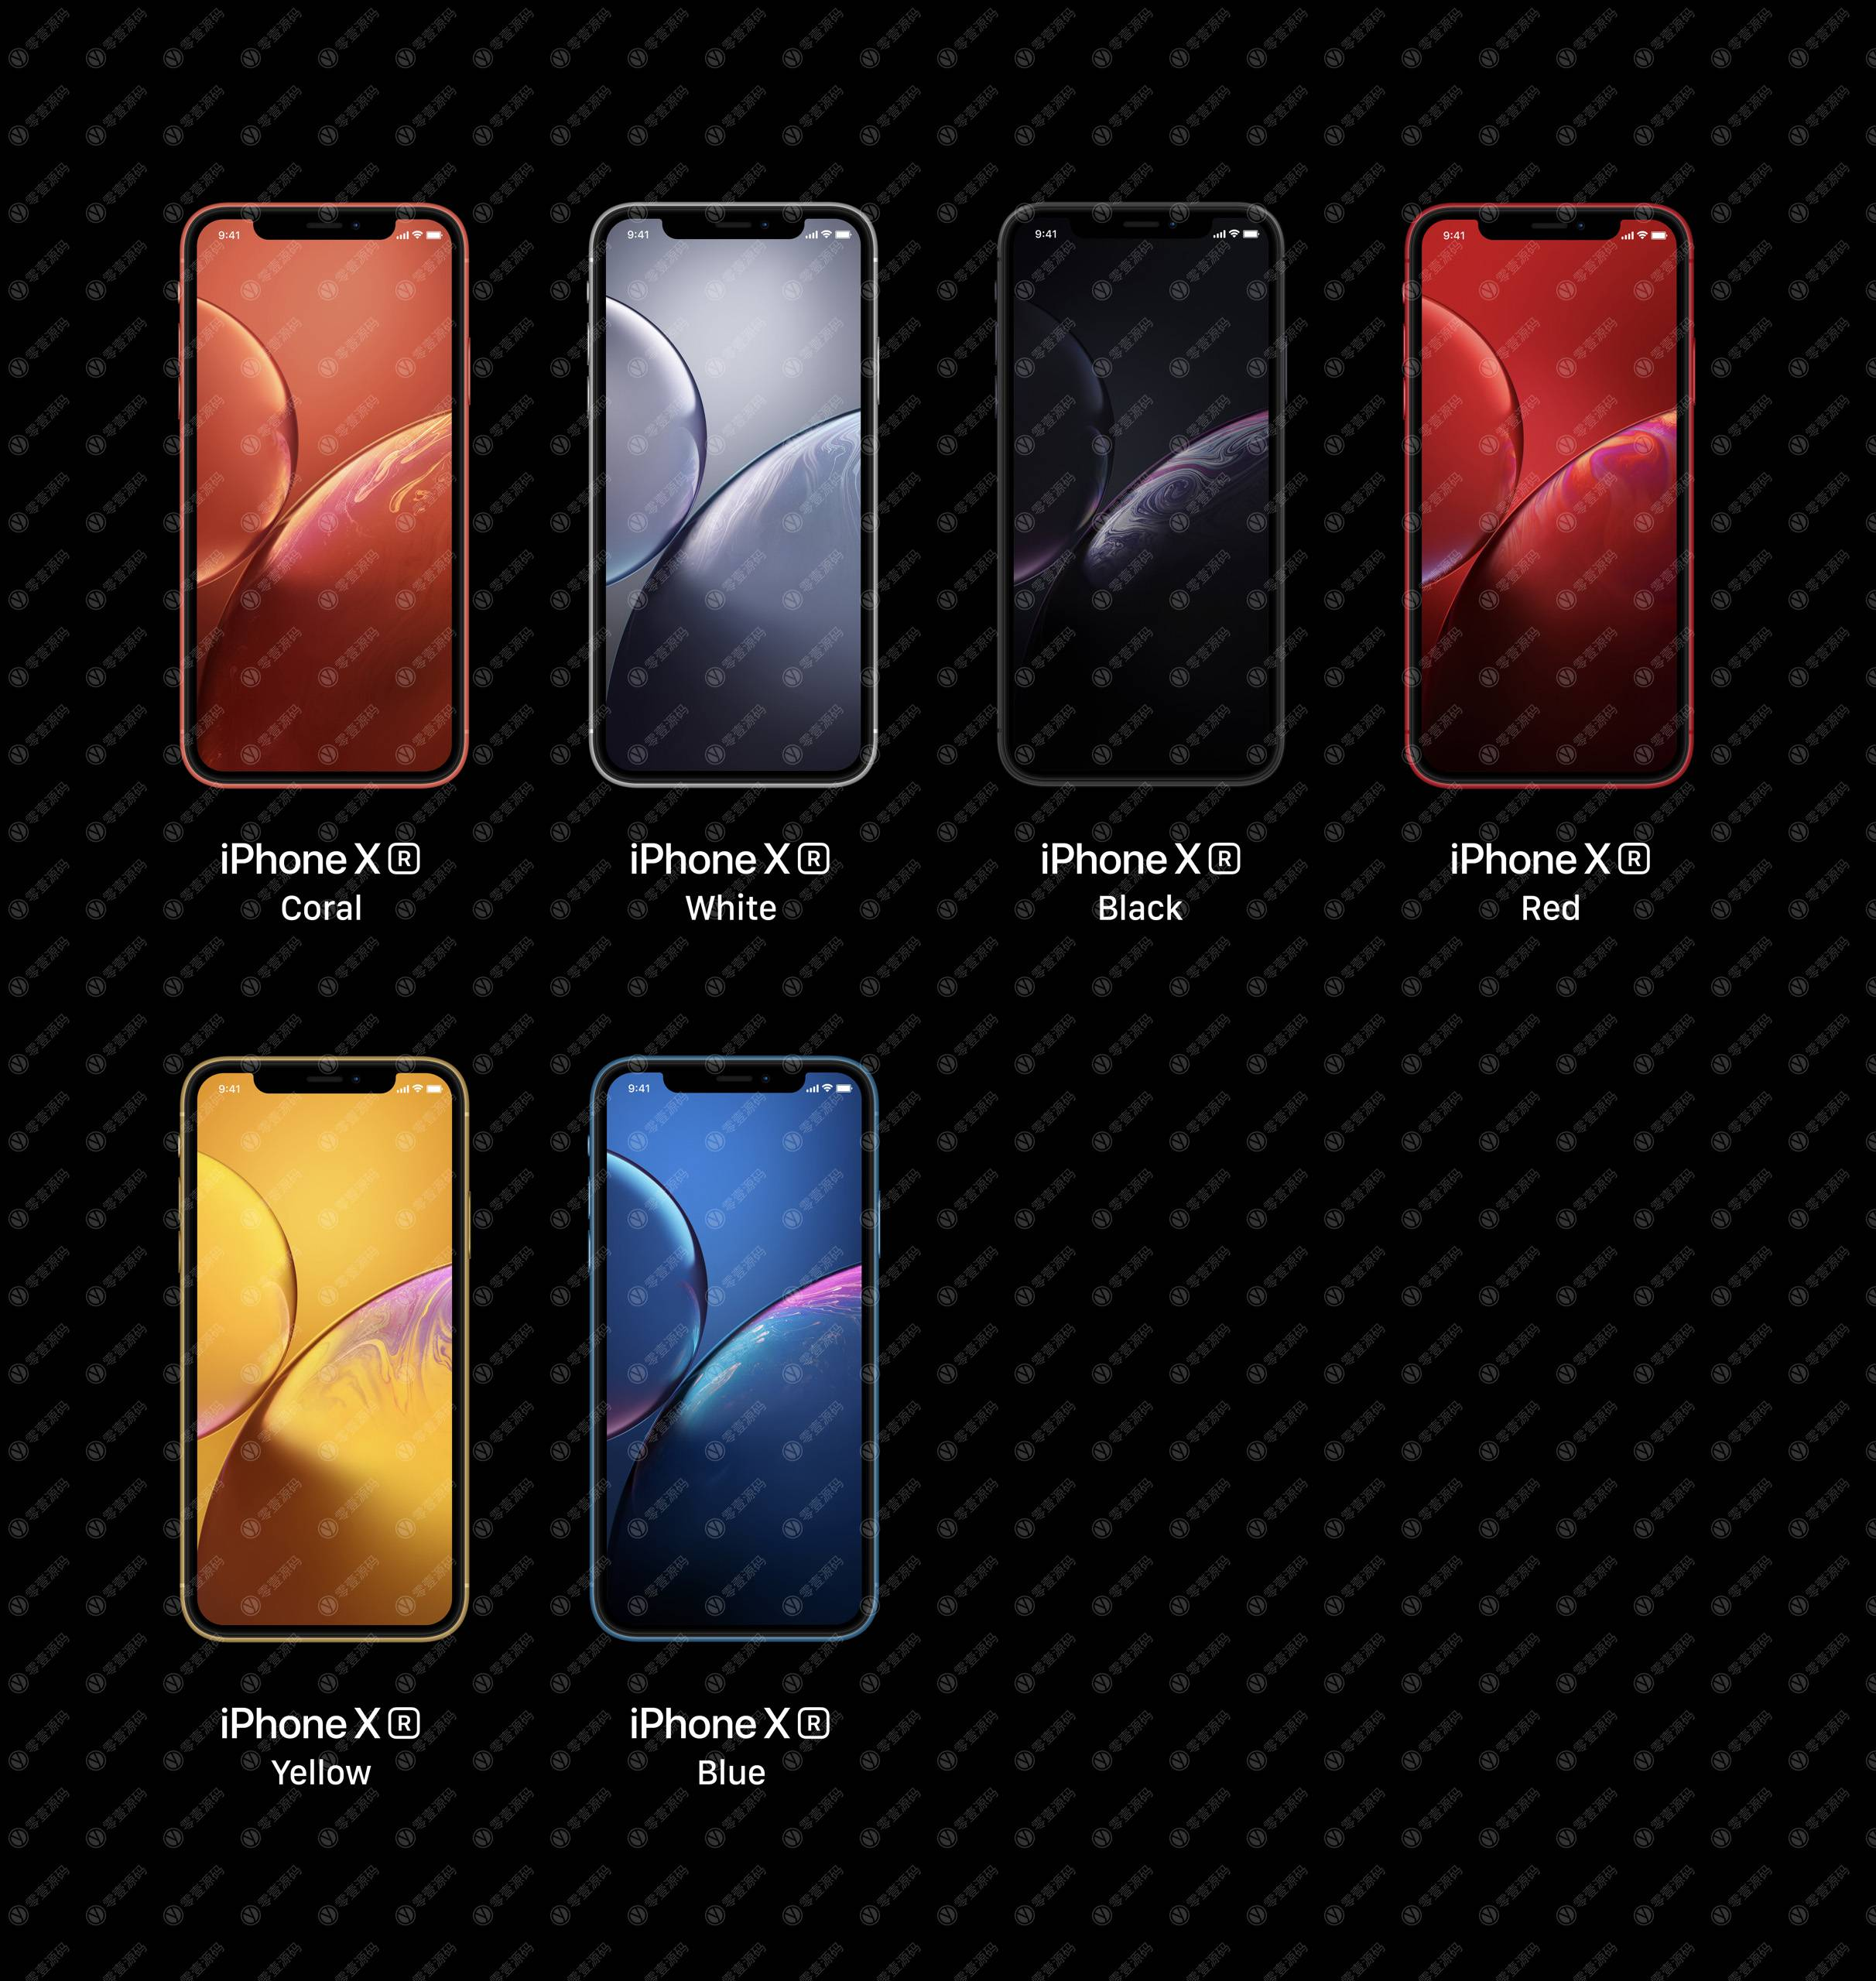 iPhoneXR Mockups 苹果XR手机样机六色组合模型PSD